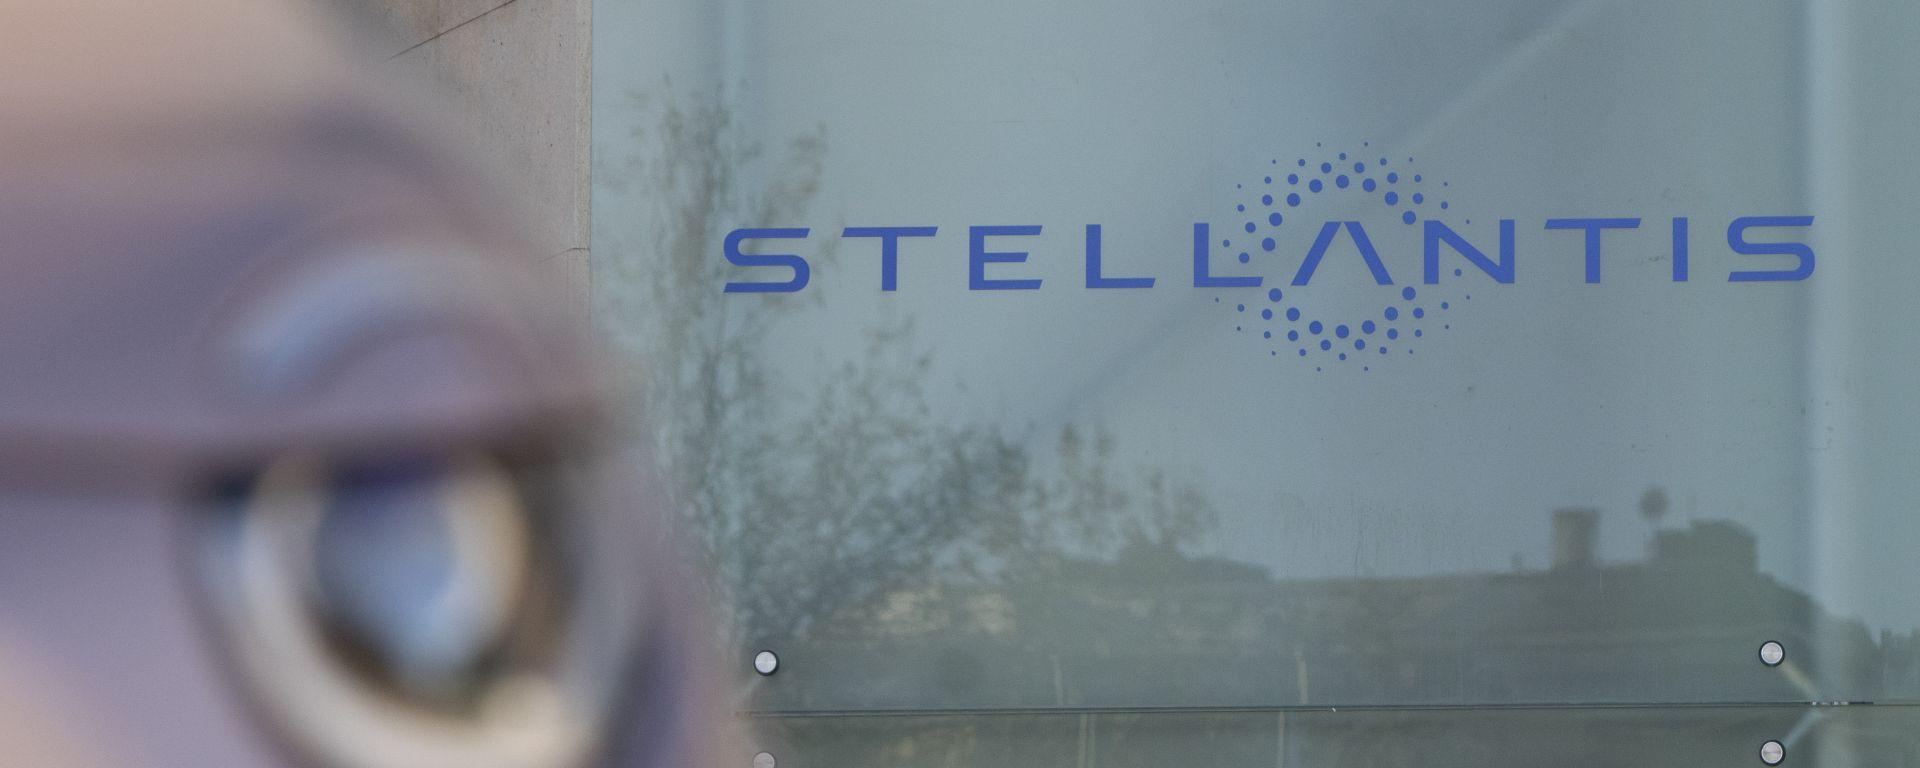 Accordo Stellantis Foxconn